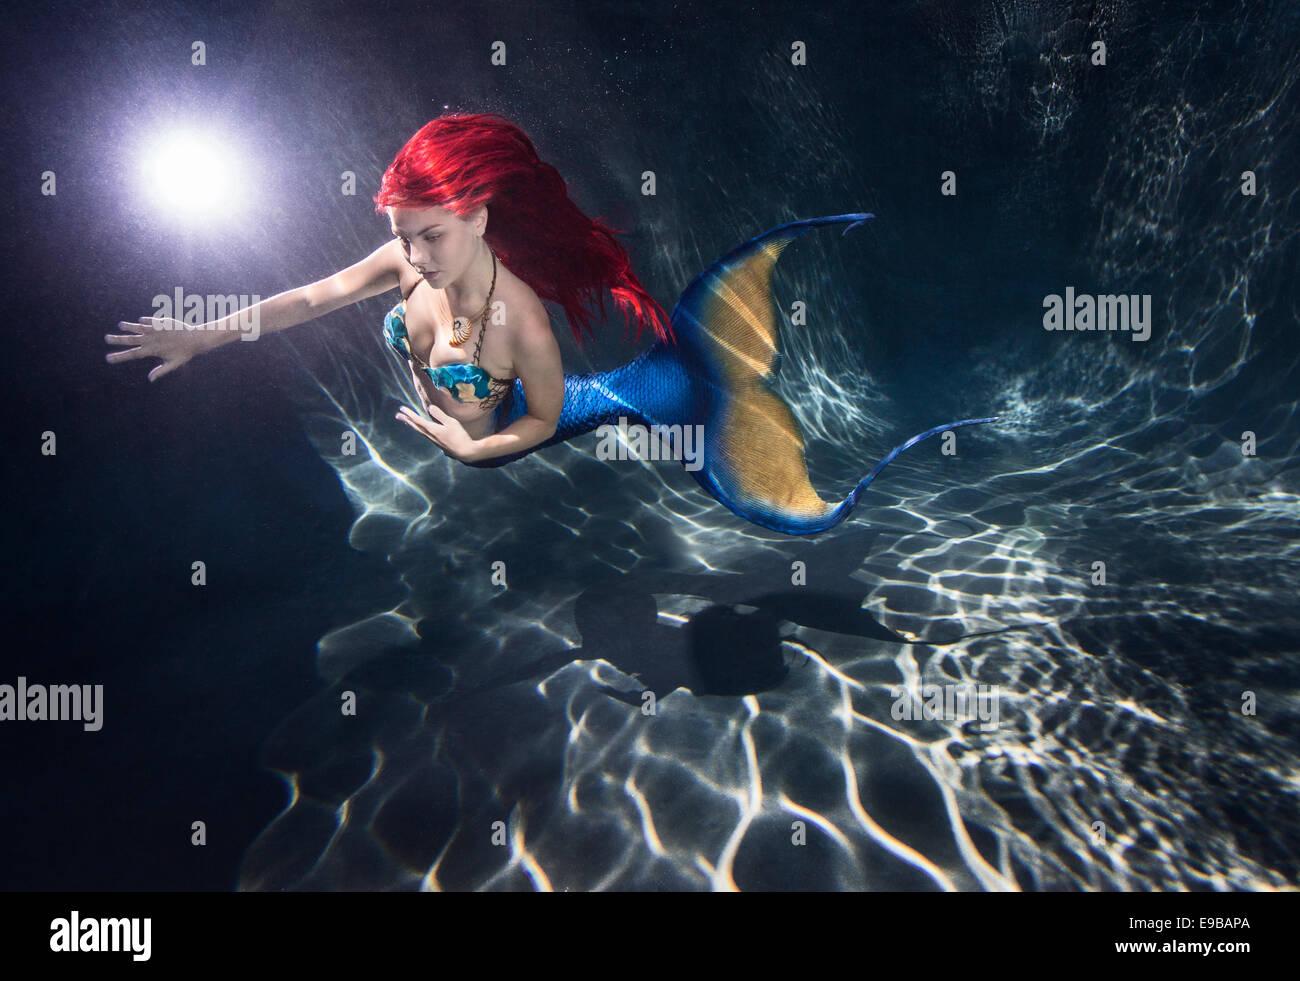 Redhead Mermaid In Pool In Stock Photos & Redhead Mermaid In Pool In